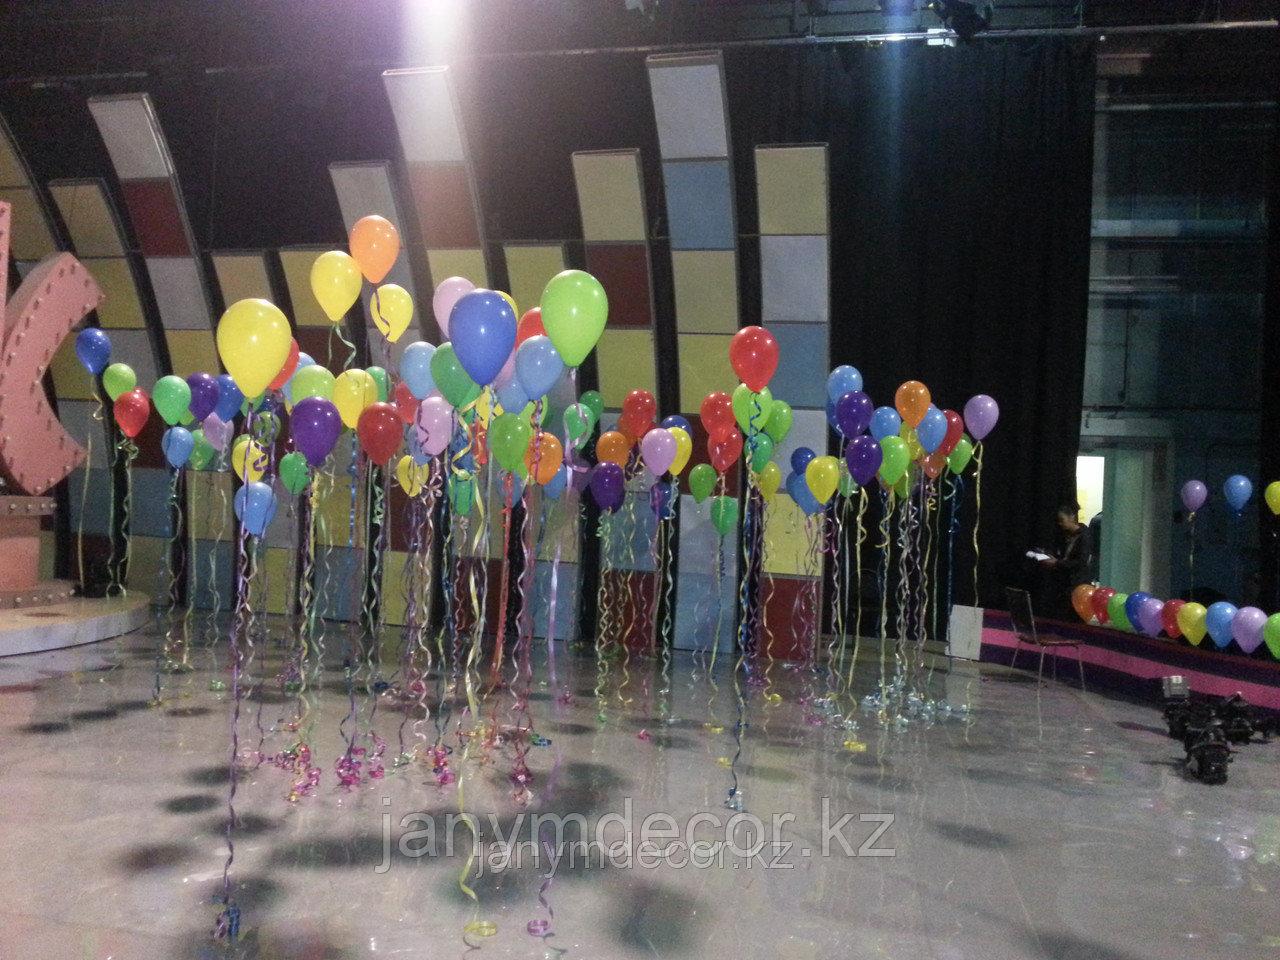 Гелиевые шары к 8 марта - фото 2